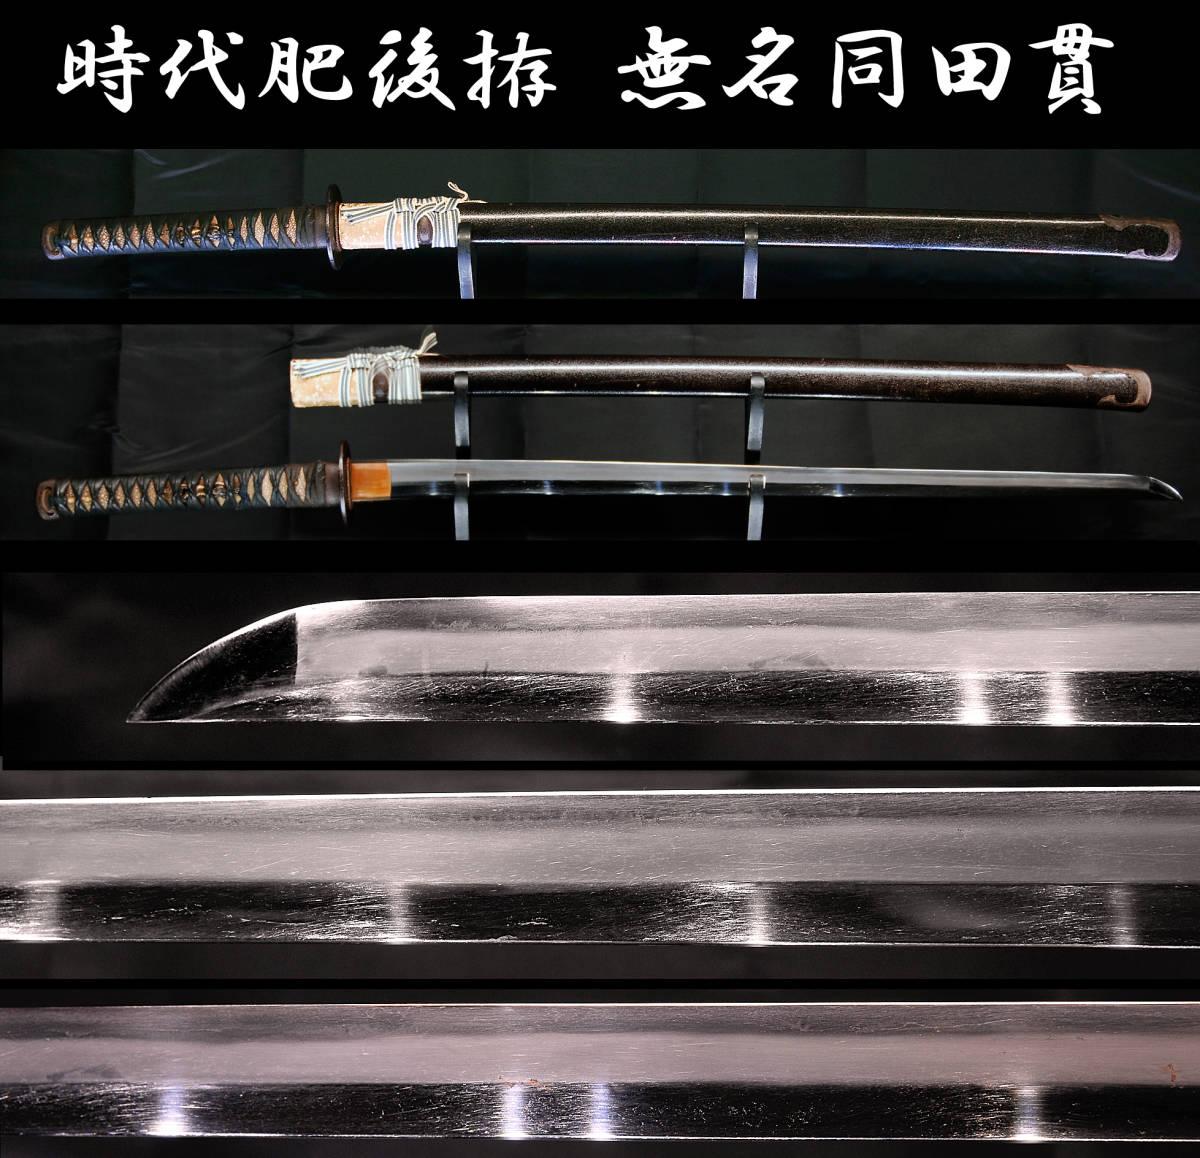 「同田貫」肥後金具で揃えられた時代本歌拵付き刀身75.2cm反り0.3cm元幅35mm、元重10mm、刀身重1050g 「兜割」の名に相応しい堂々たる刀姿